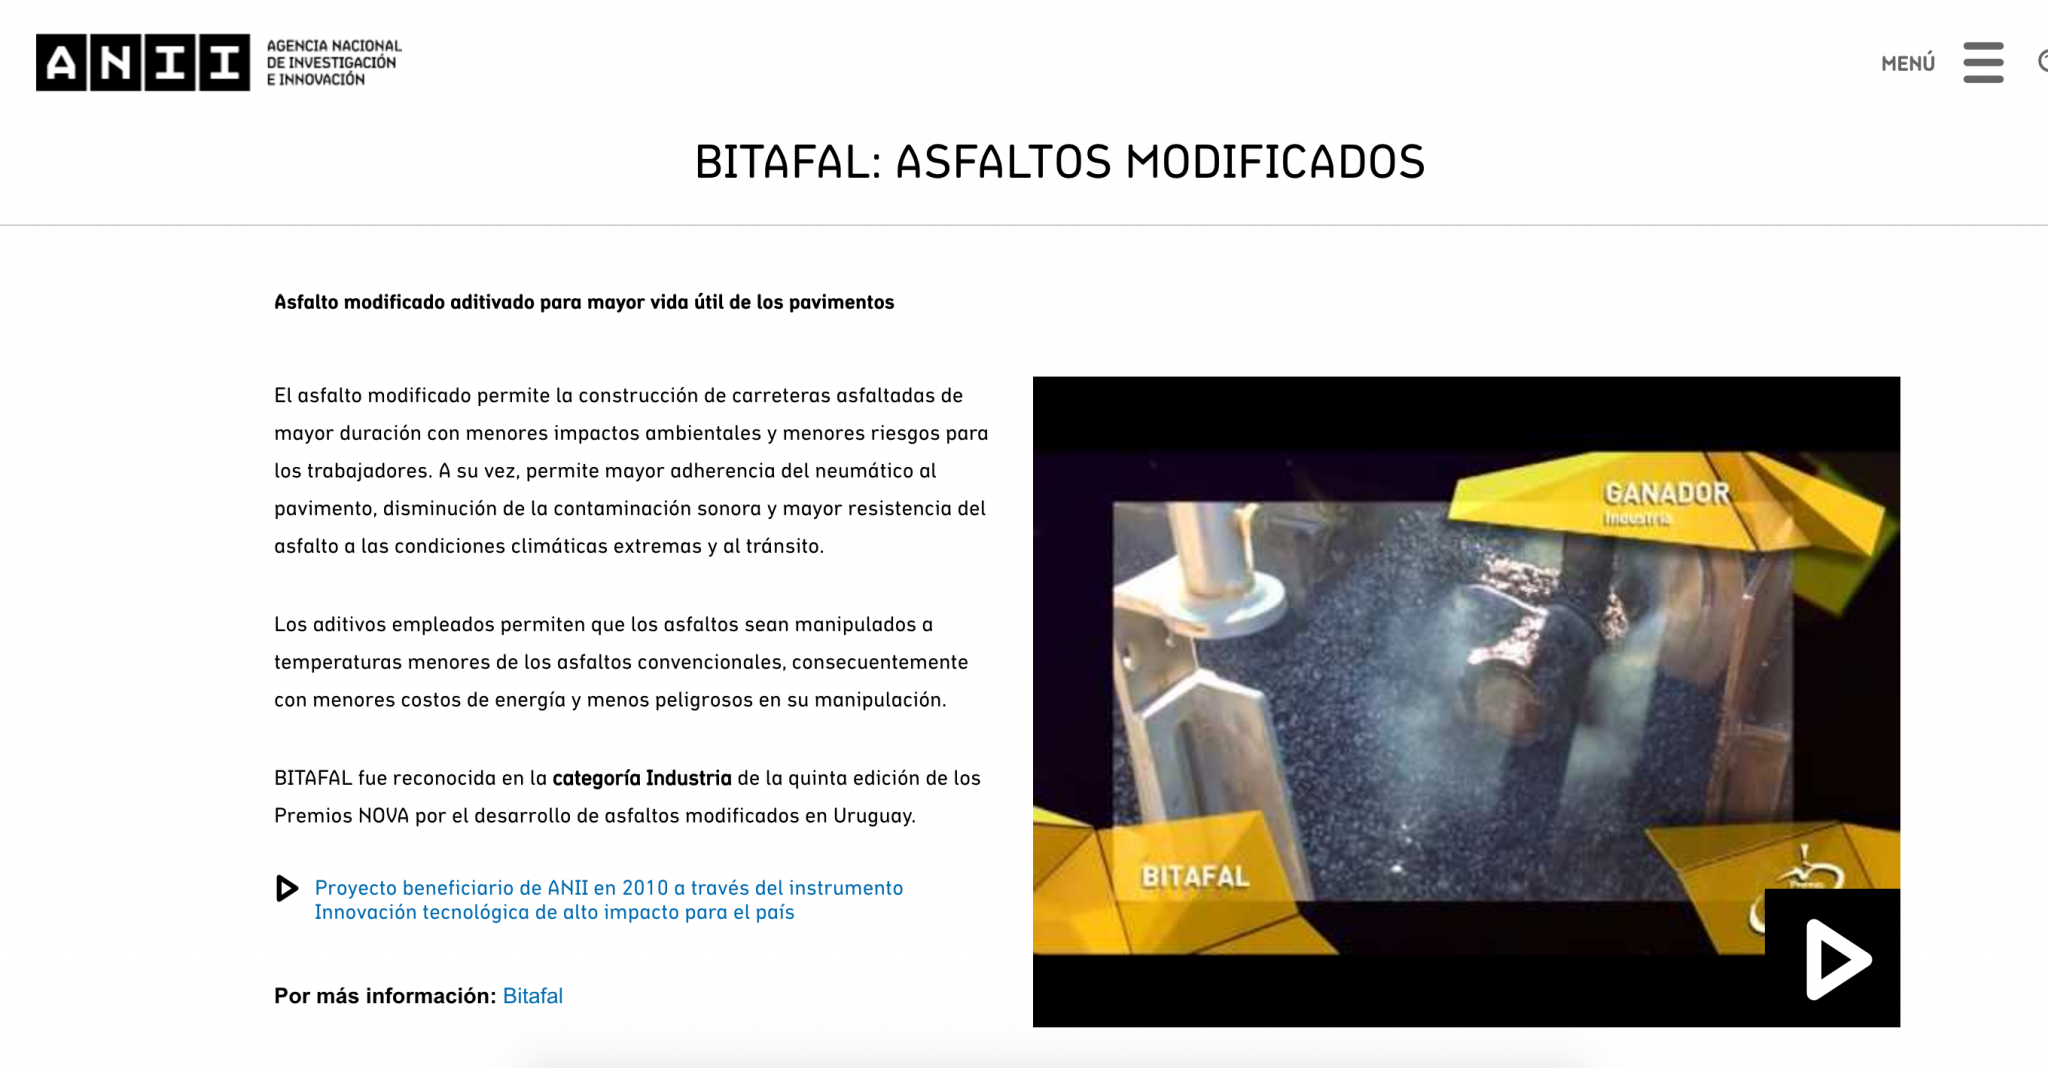 Premio Nova por el desarrollo de Asfaltos Modificados en Uruguay